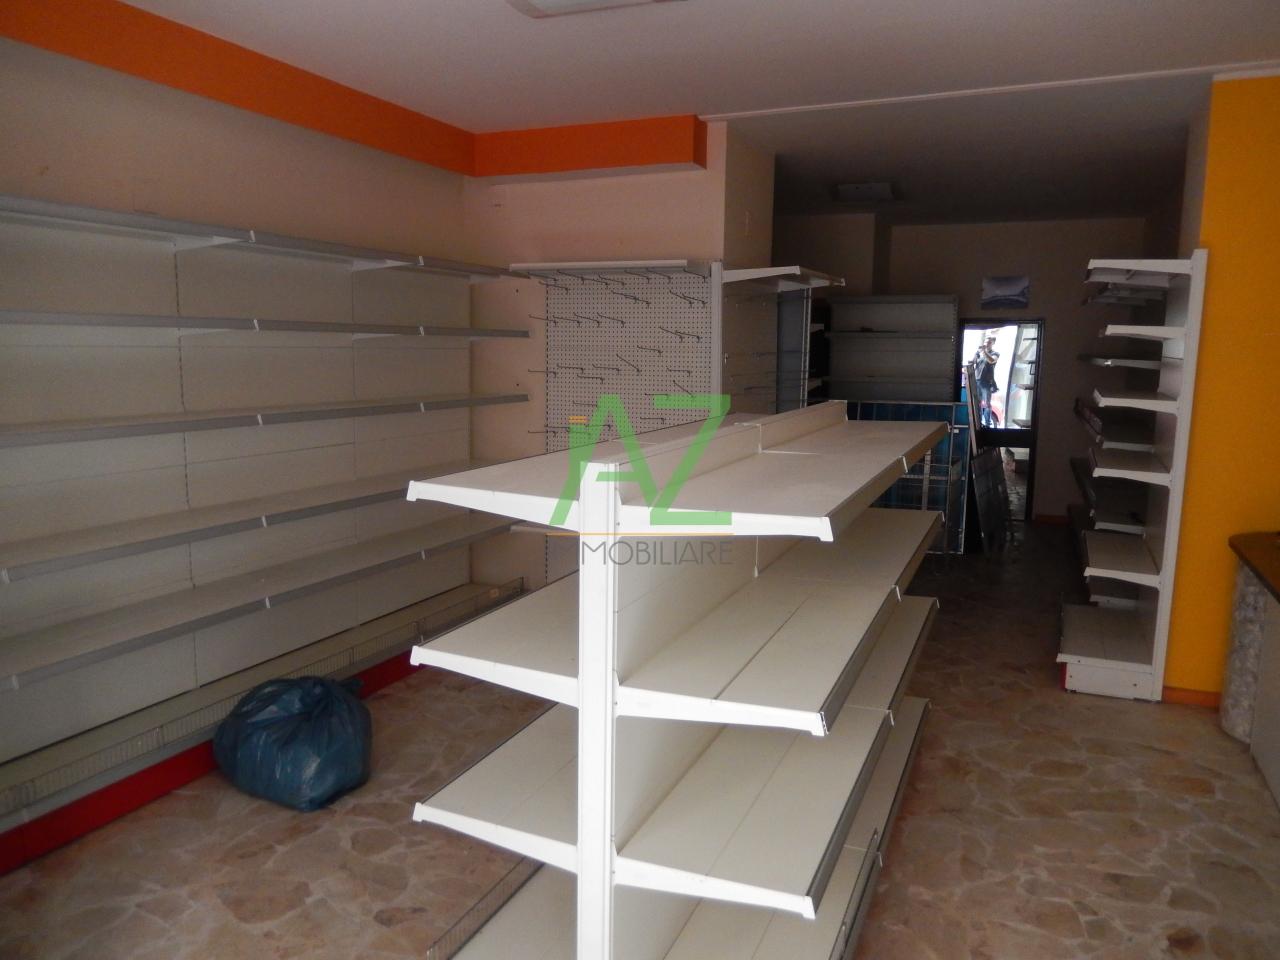 Negozio / Locale in affitto a Acireale, 2 locali, prezzo € 350 | Cambio Casa.it